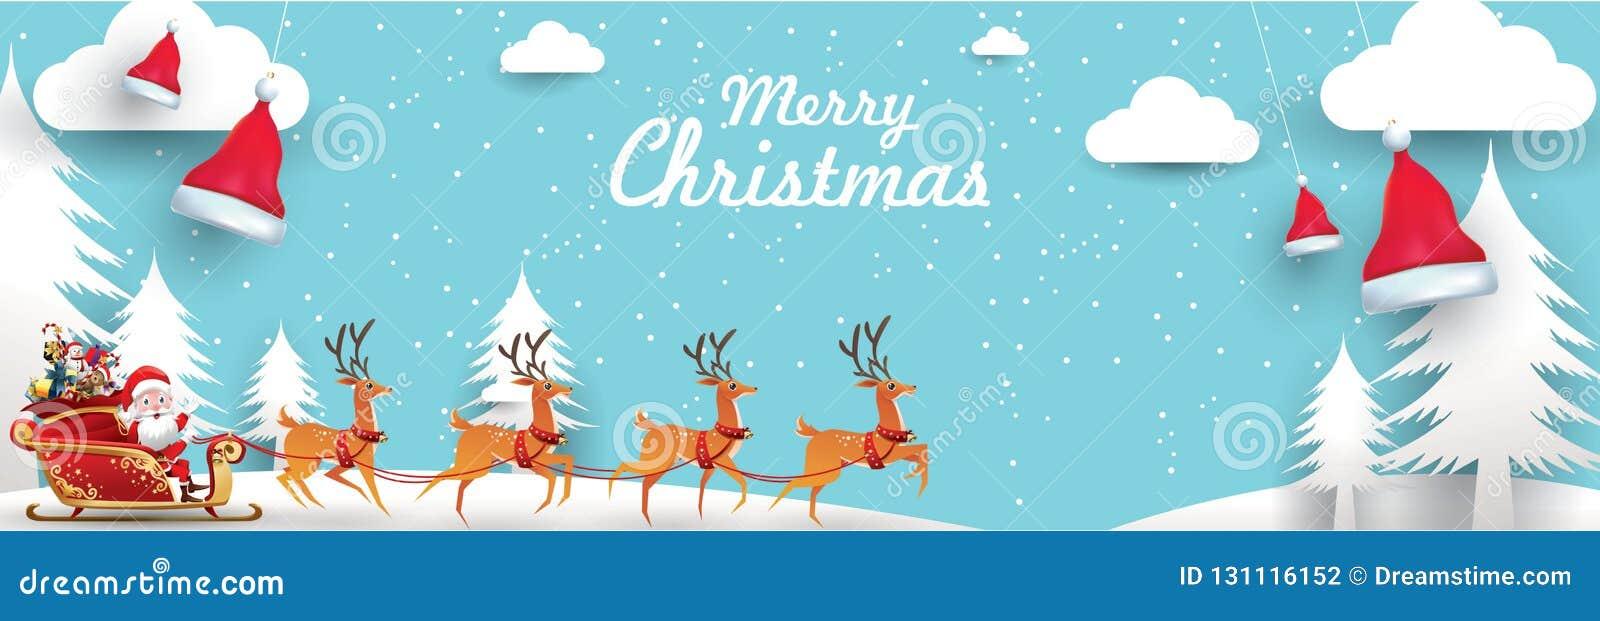 Glad jul och lyckligt nytt år Santa Claus är rider rensläden med en säck av gåvor i julsnöplats Vektorillus